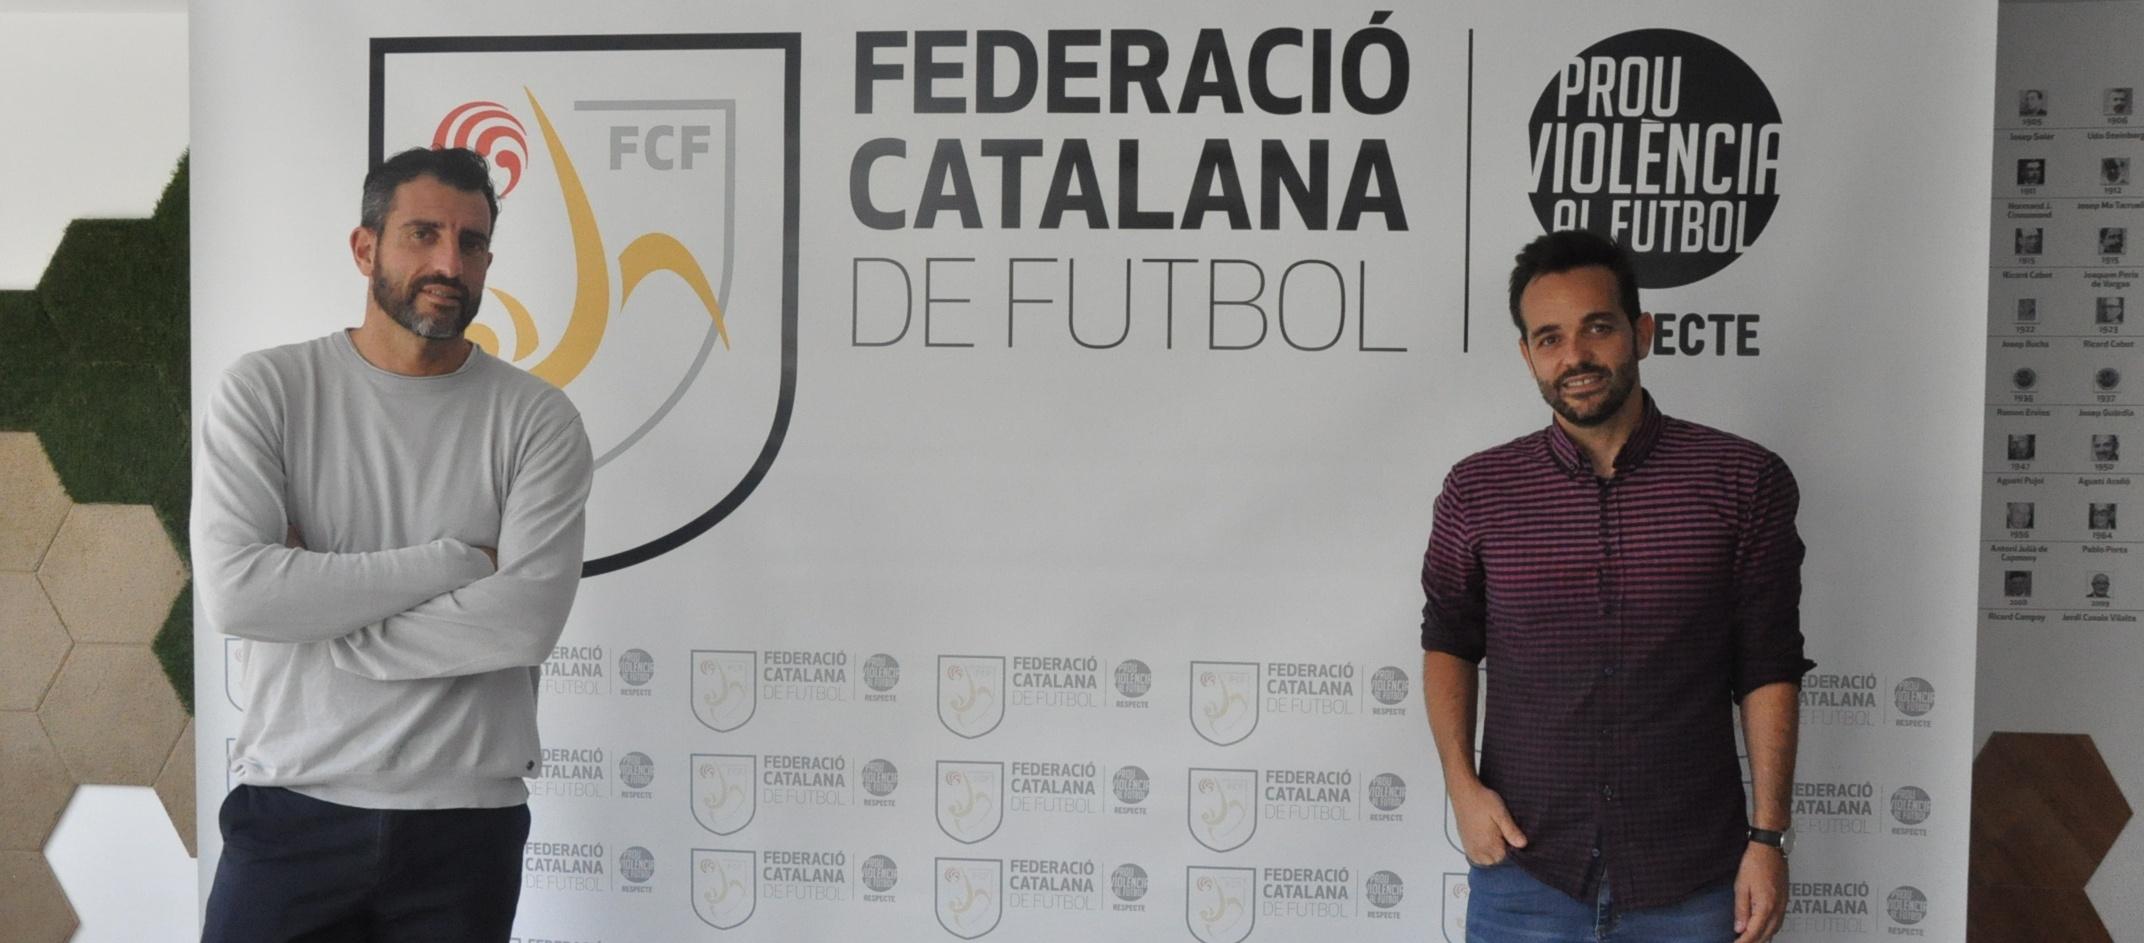 Visita institucional de Dani Poyatos a l'FCF